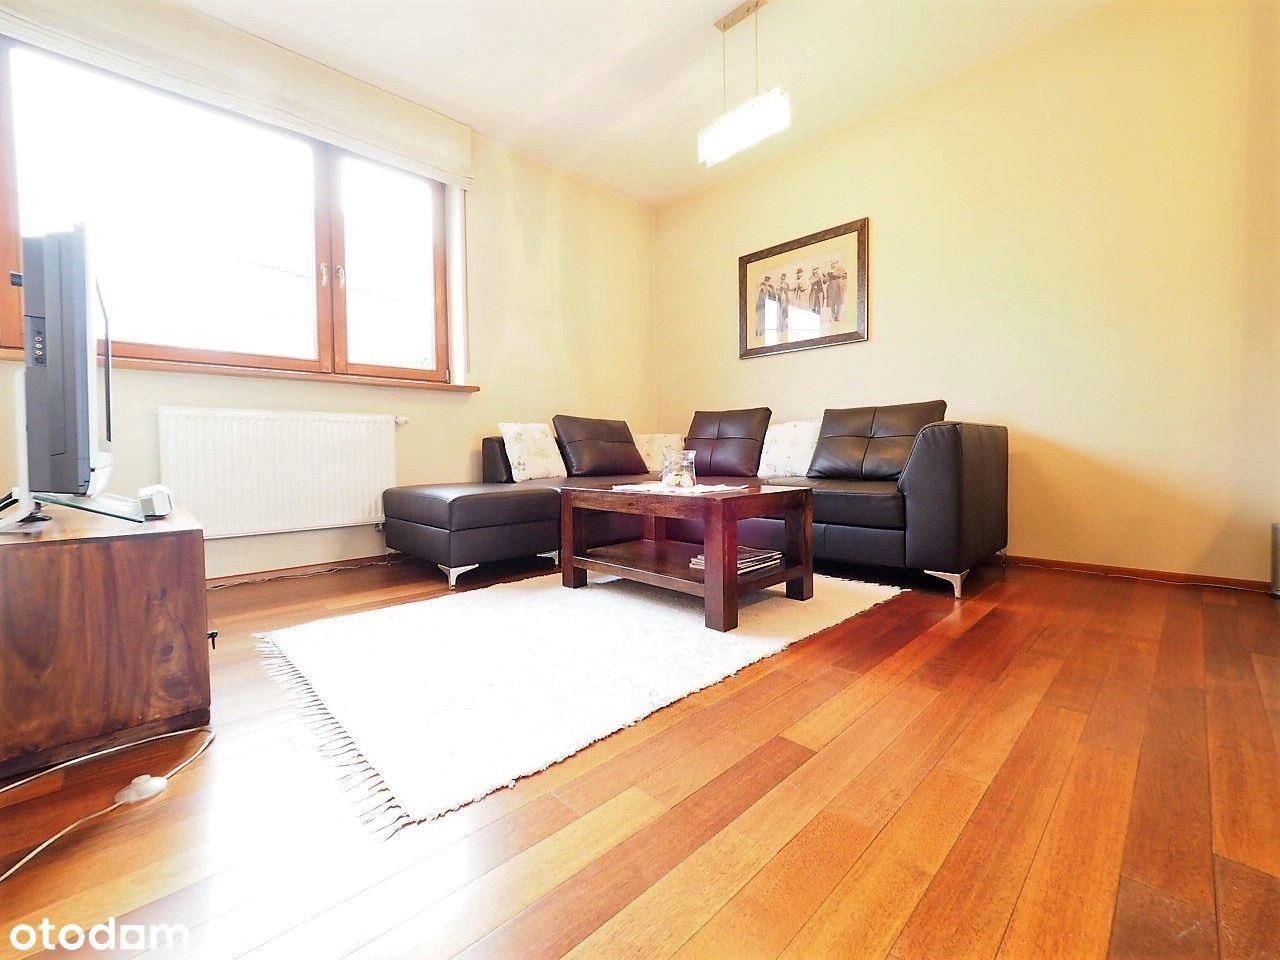 Apartament Mieszkanie Centrum Bronowice Wynajmę